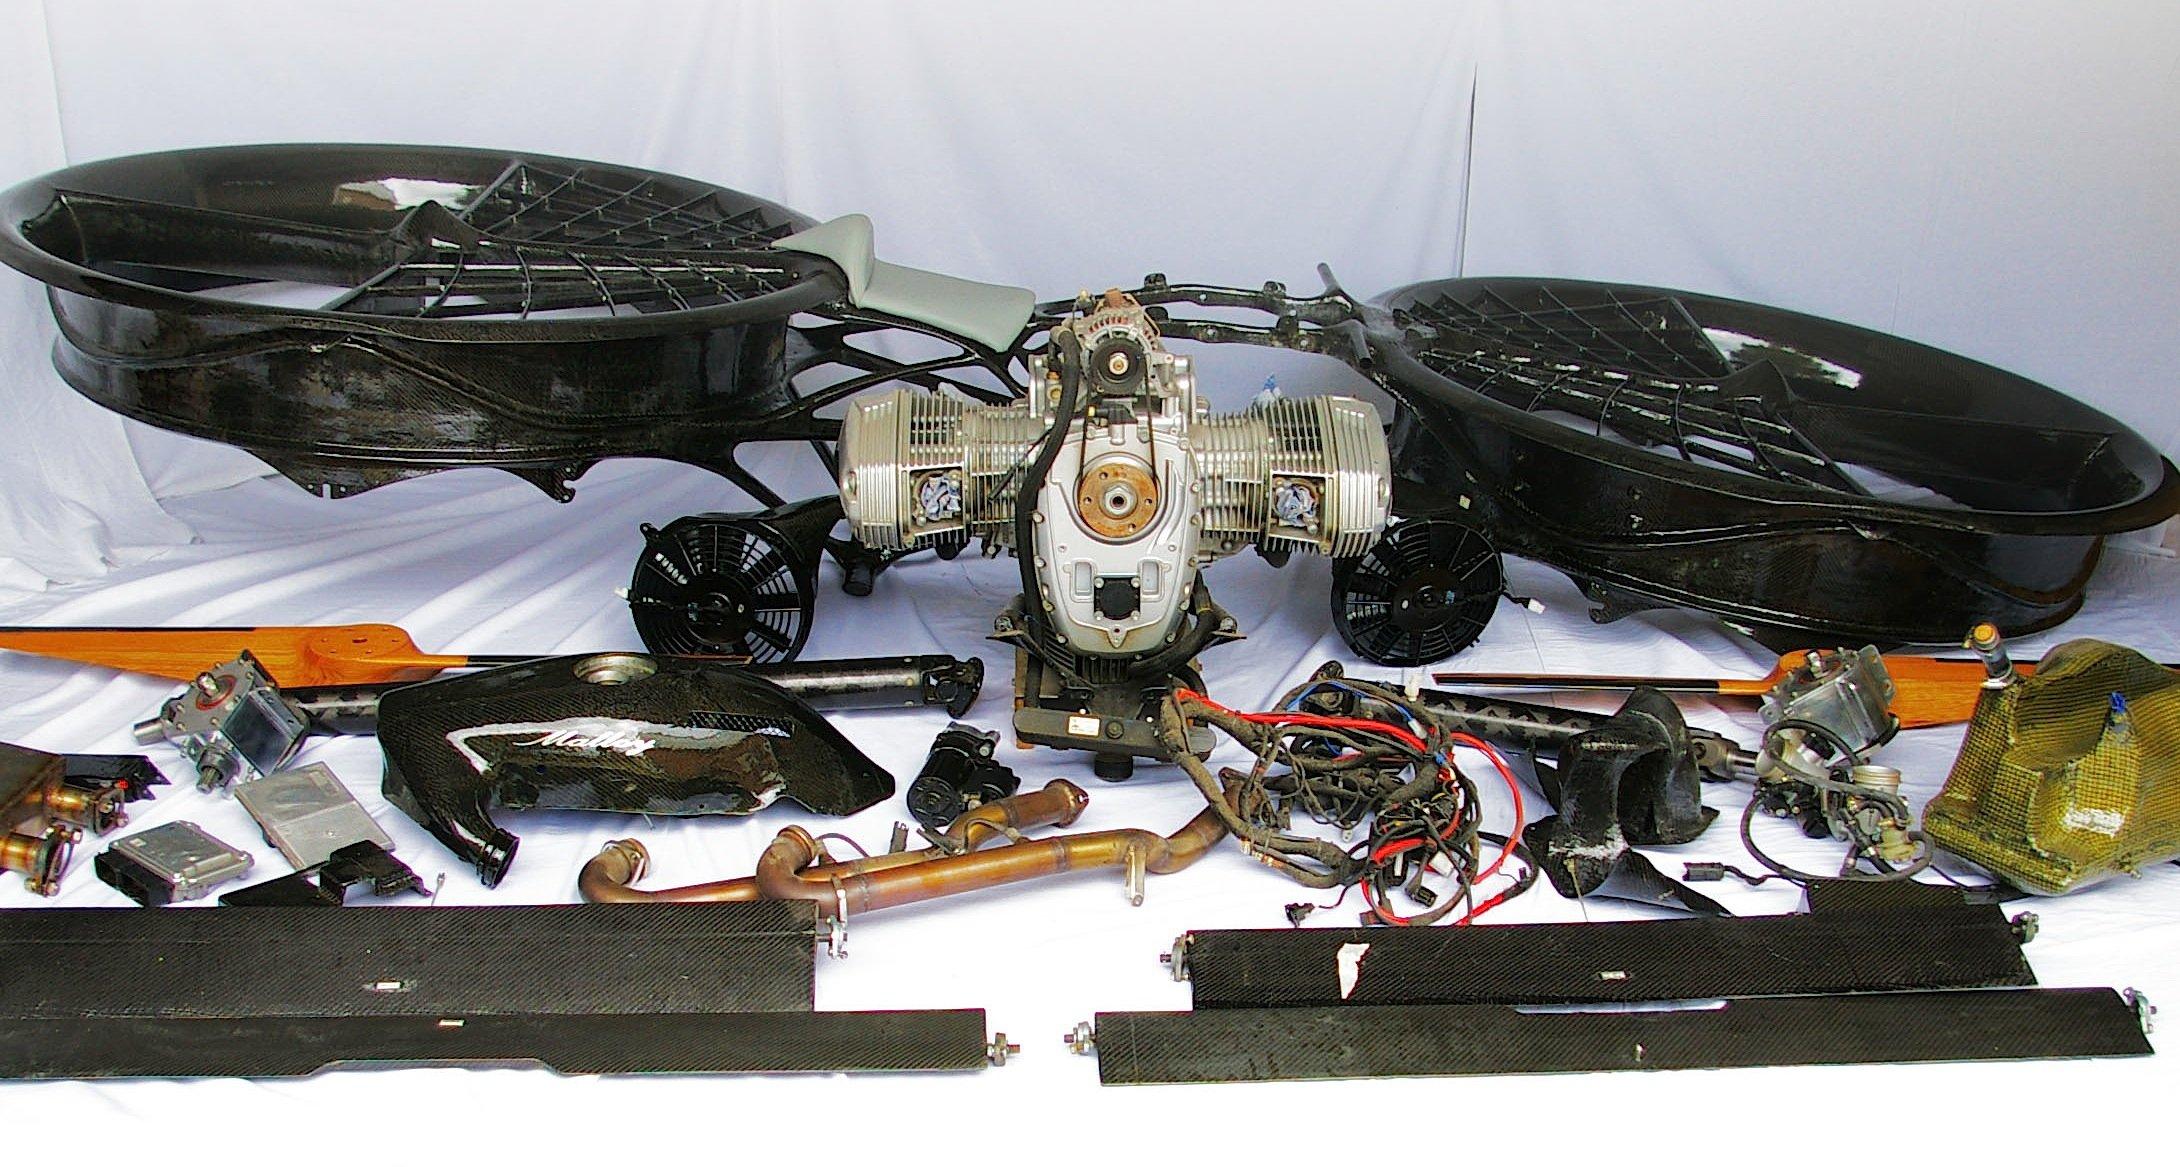 Bausatz für das Hoverbike: Die Zahl der Bauteile ist übersichtlich.